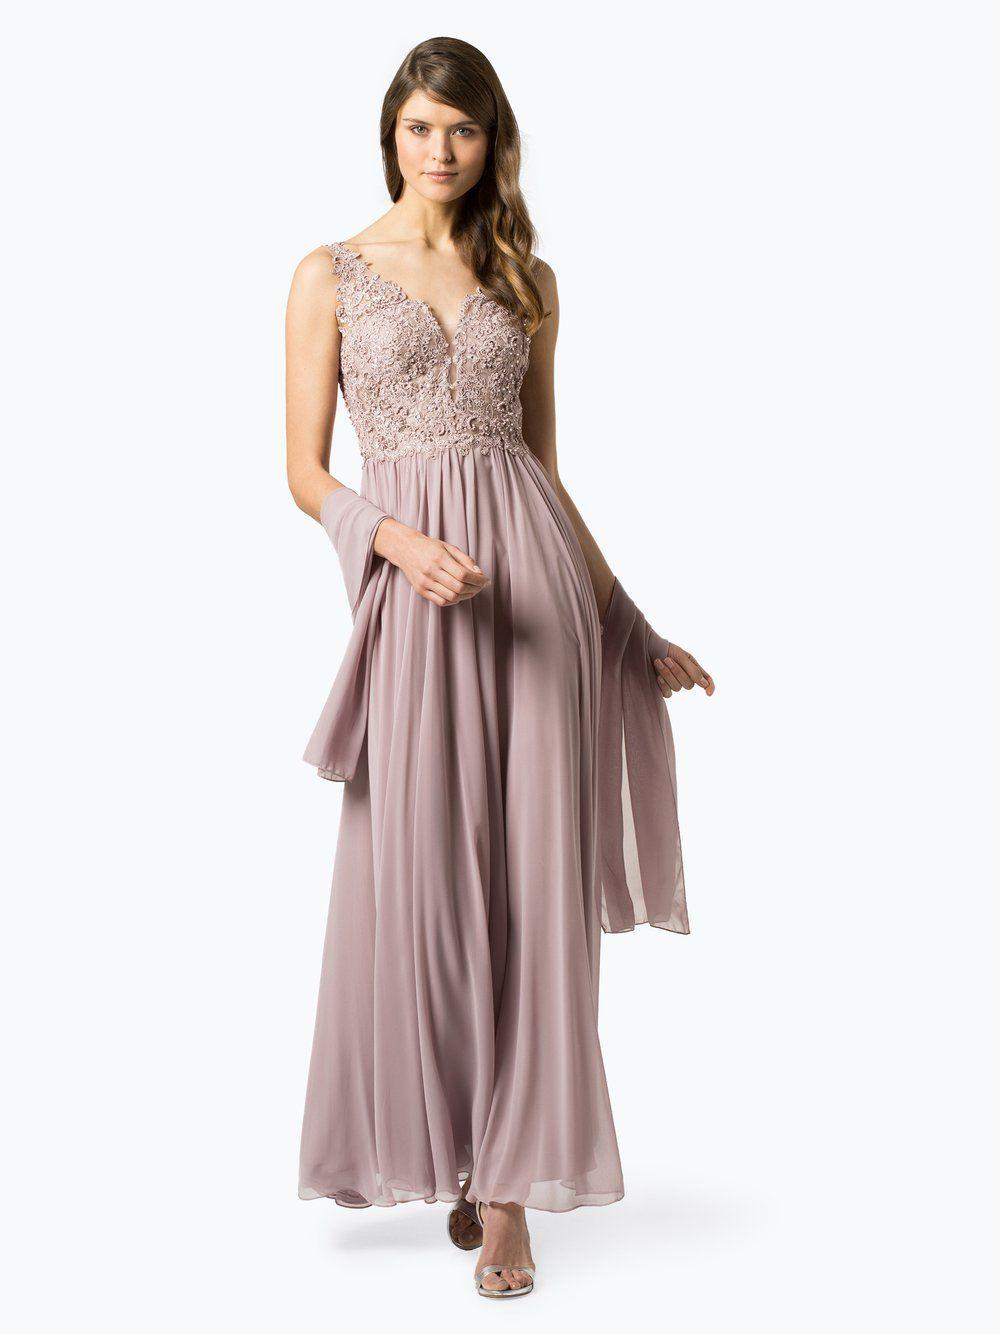 9 Luxus Abendkleid Kaufen Online für 9 - Abendkleid